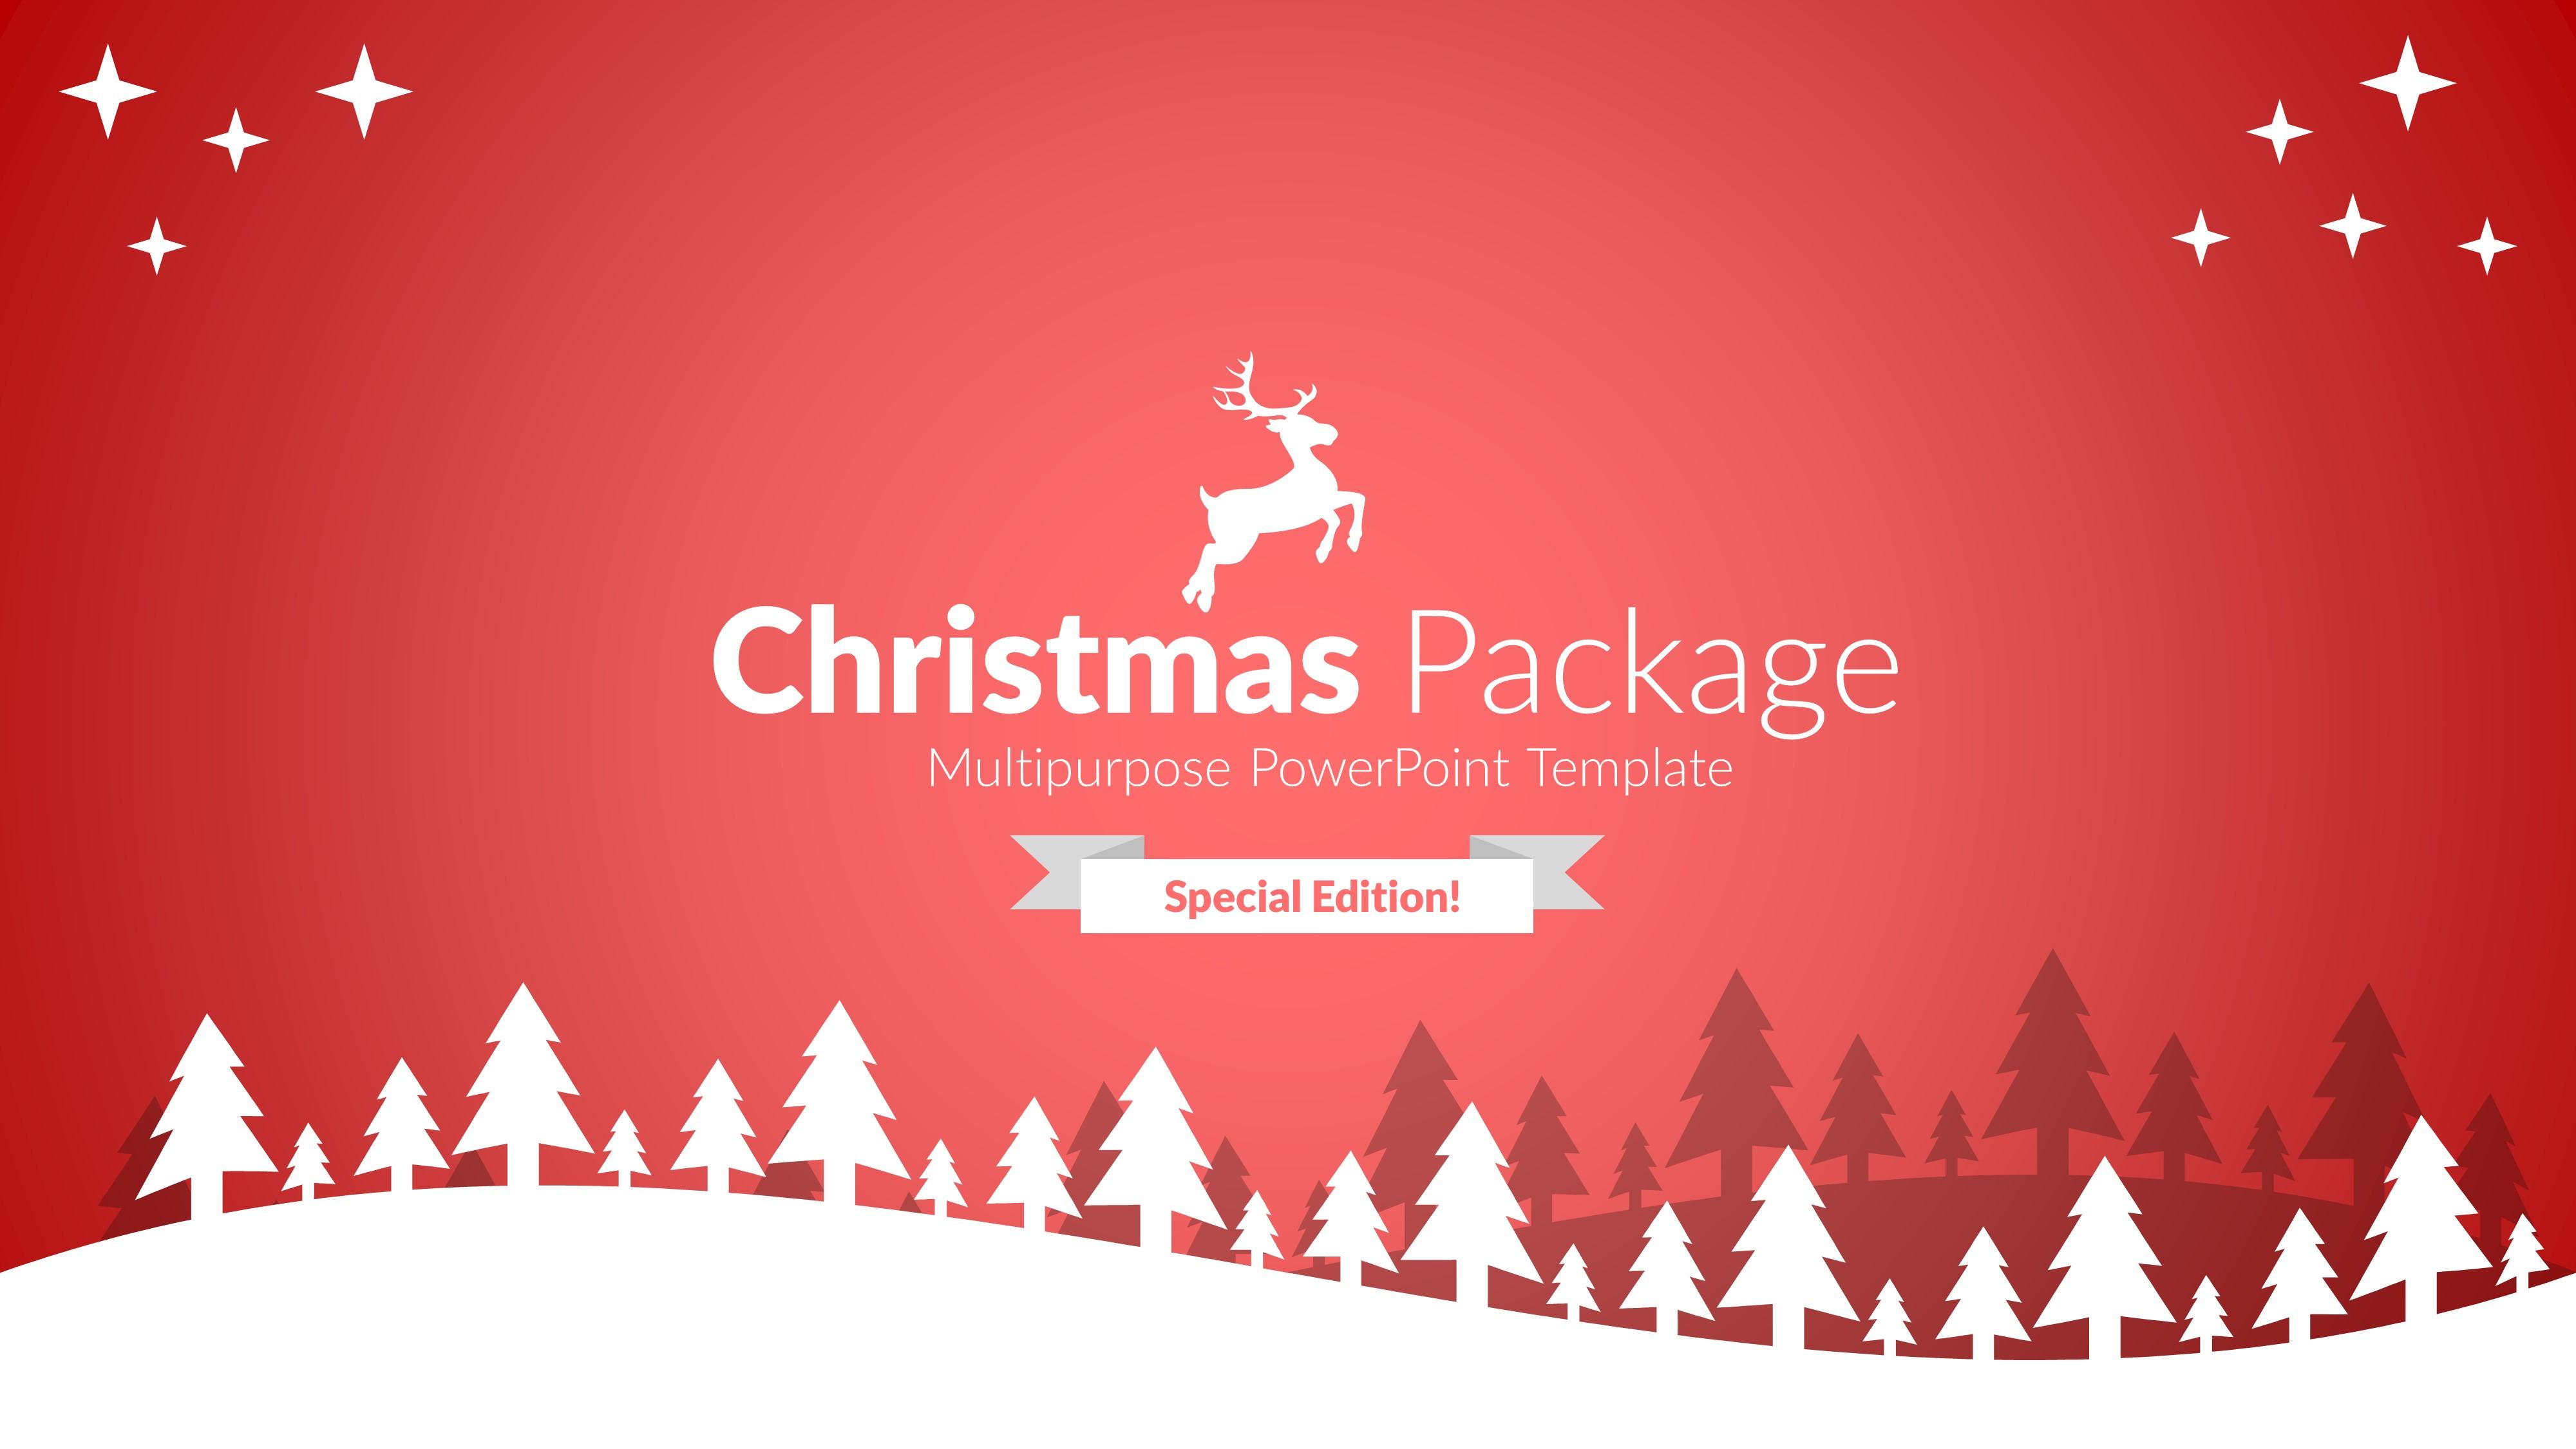 Christmas package business powerpoint template by brandearth christmas package business powerpoint template toneelgroepblik Gallery